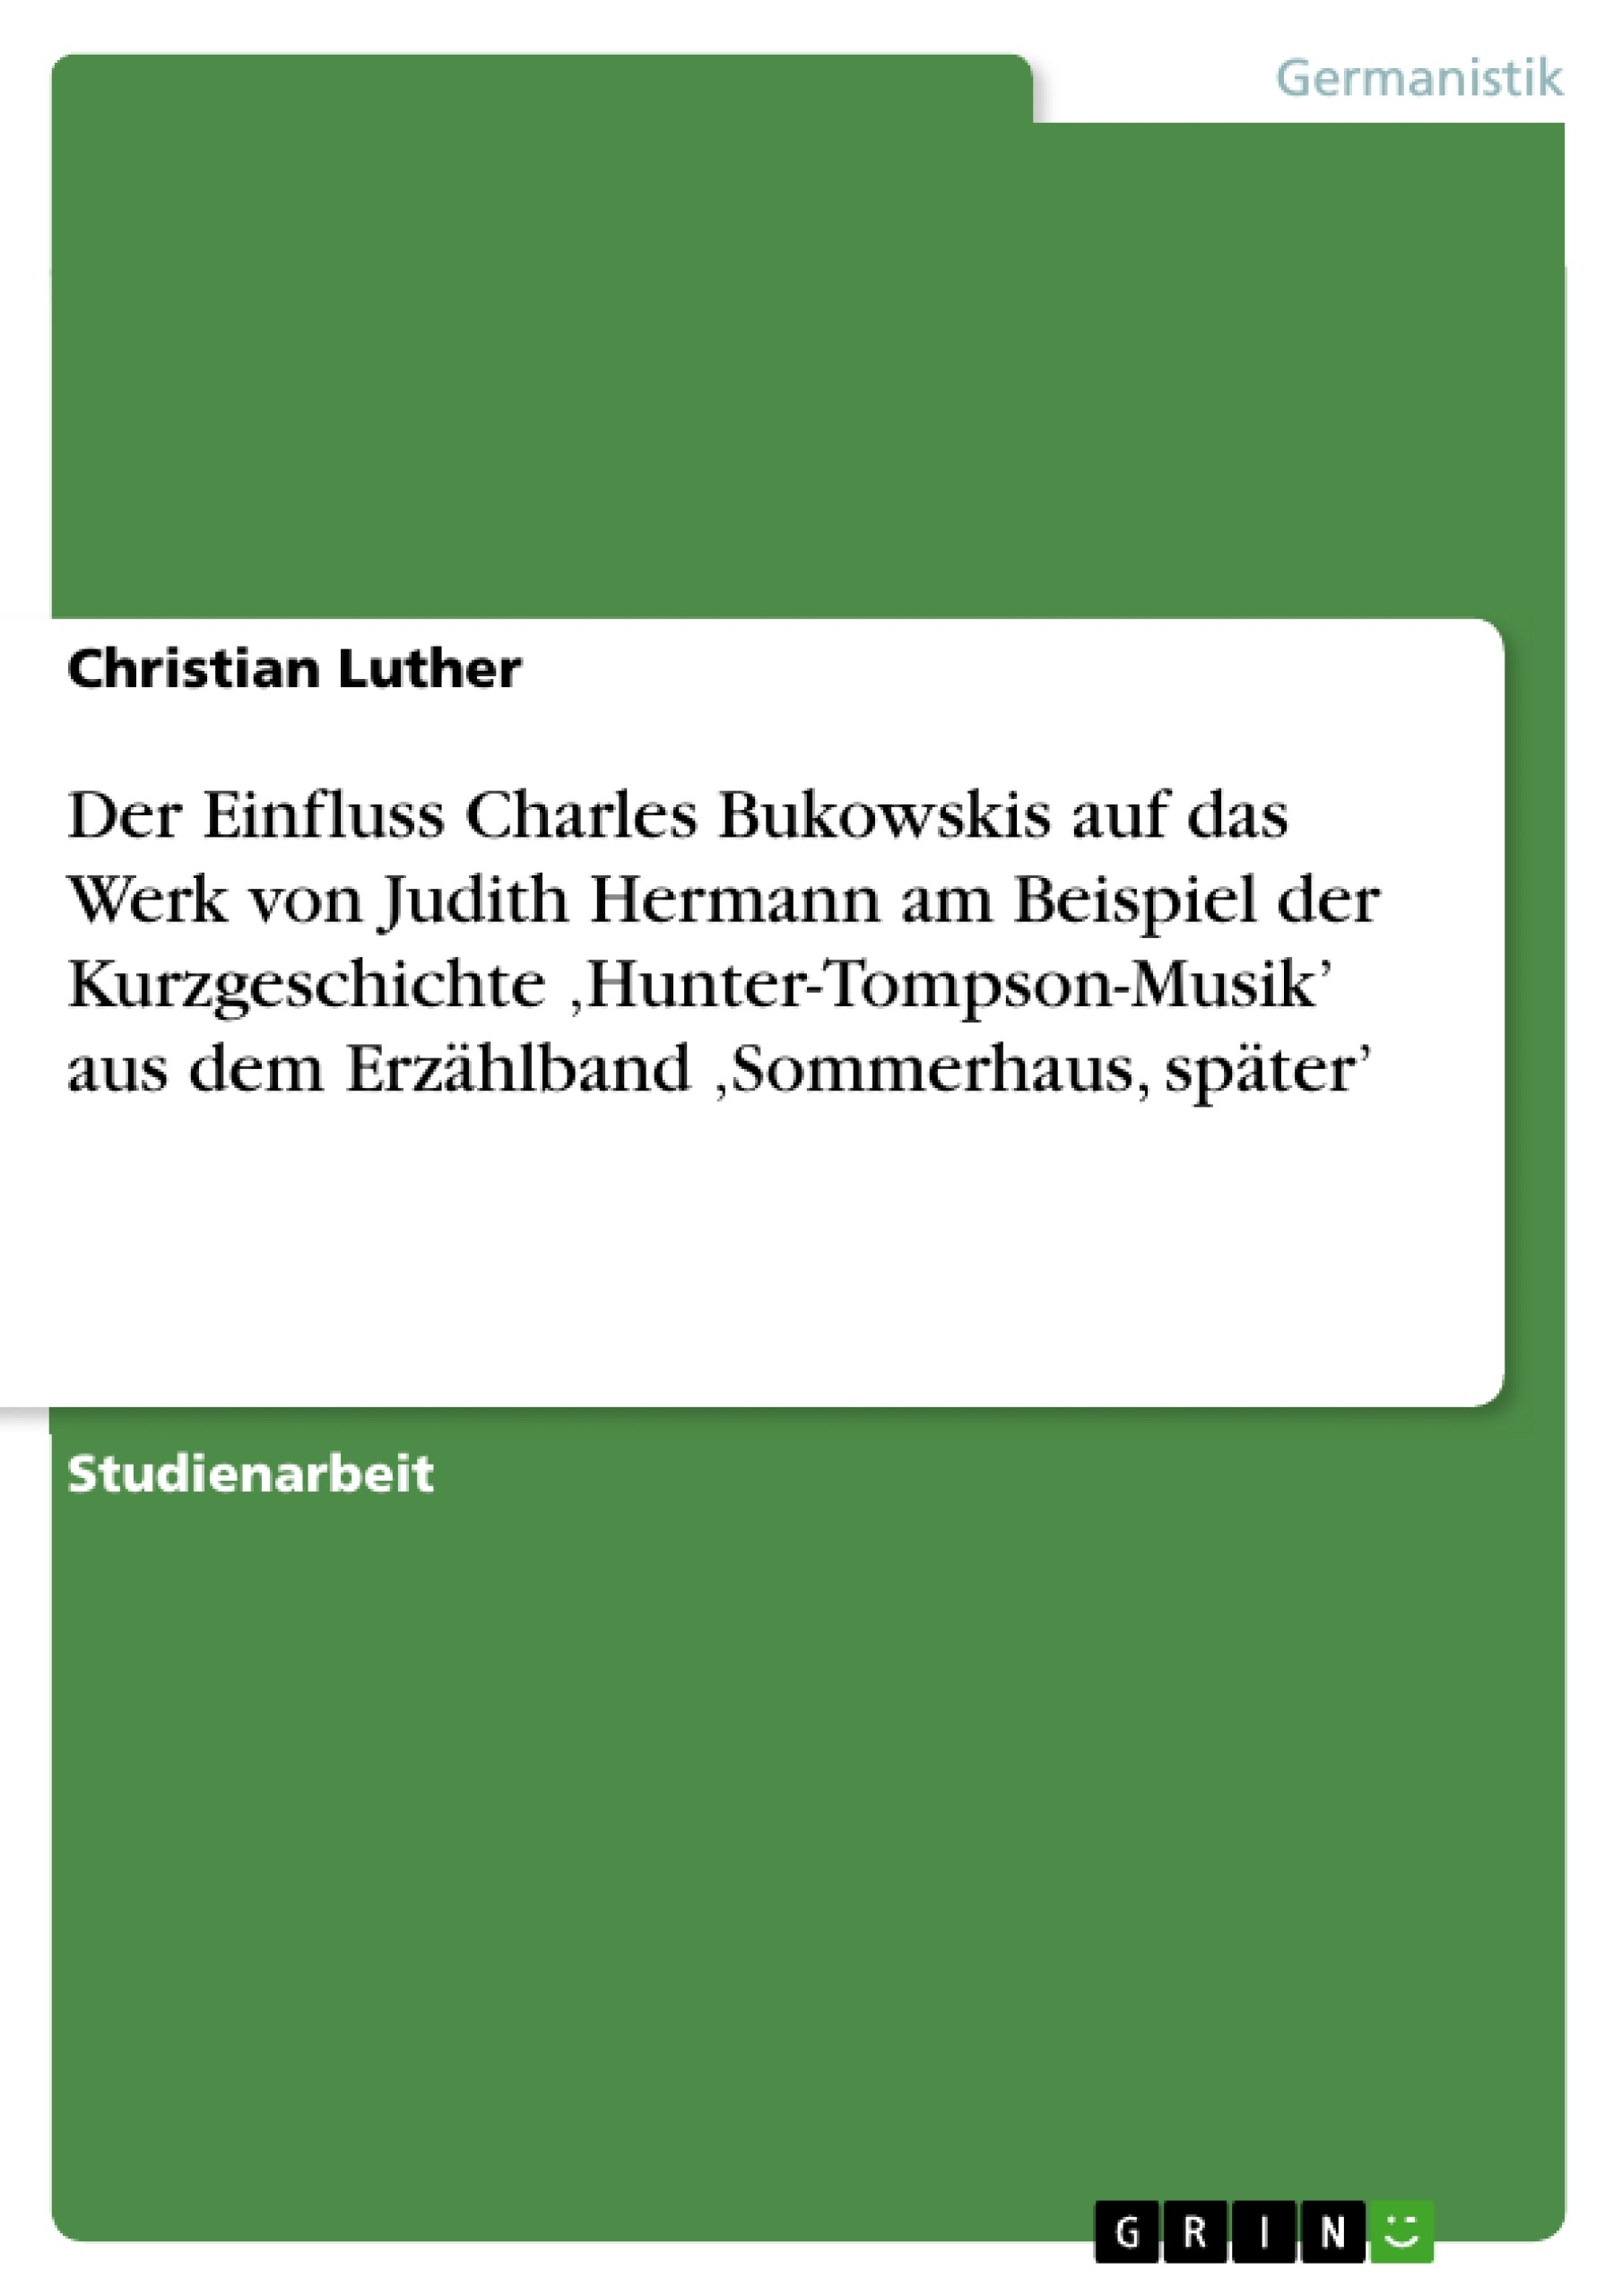 Titel: Der Einfluss Charles Bukowskis auf das Werk von Judith Hermann am Beispiel der Kurzgeschichte 'Hunter-Tompson-Musik' aus dem Erzählband 'Sommerhaus, später'